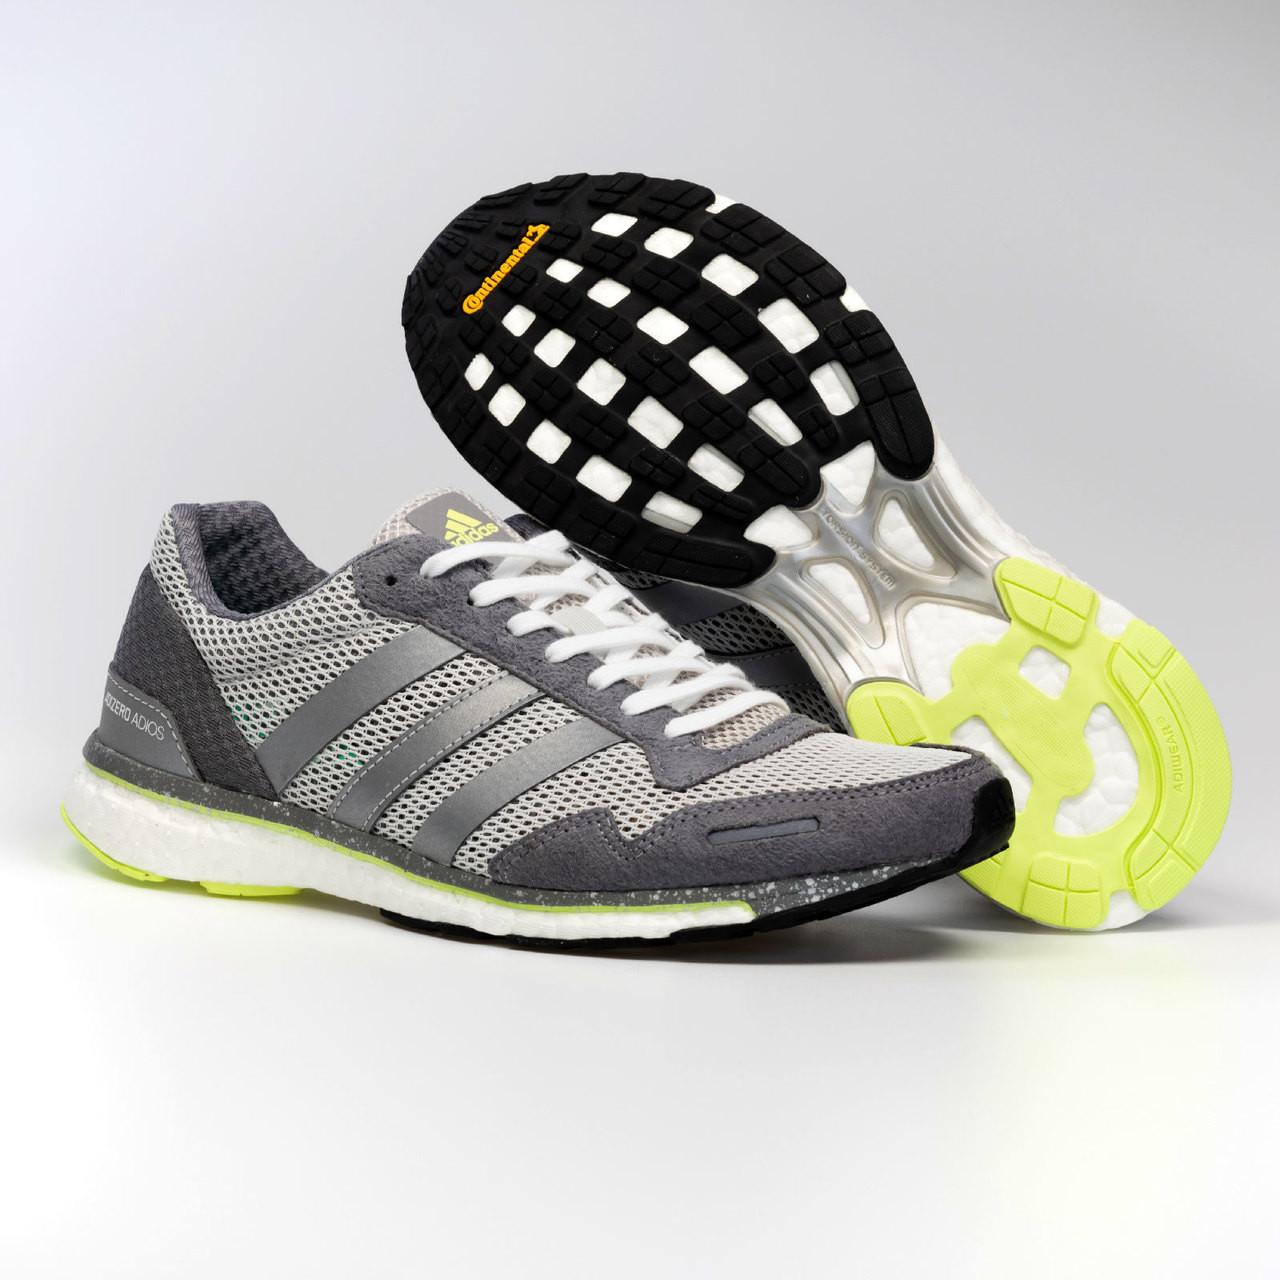 online store 9e9f7 0450f ... Adidas Adizero Adios 3 Womens Sneakers BB6410 - Silver ...